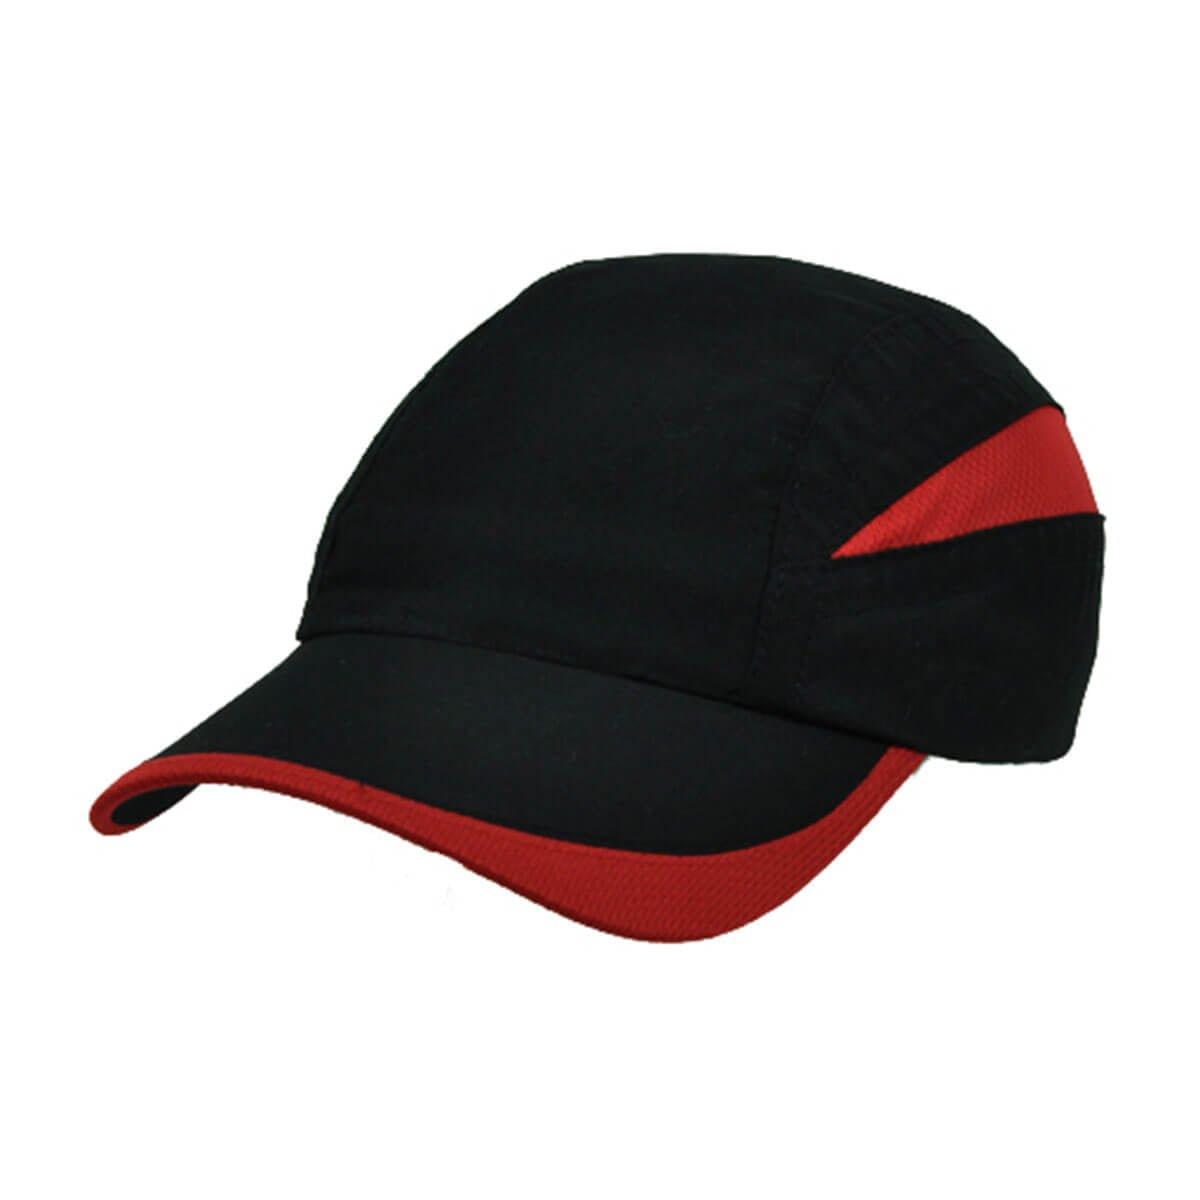 Summit Cap-Black / Red